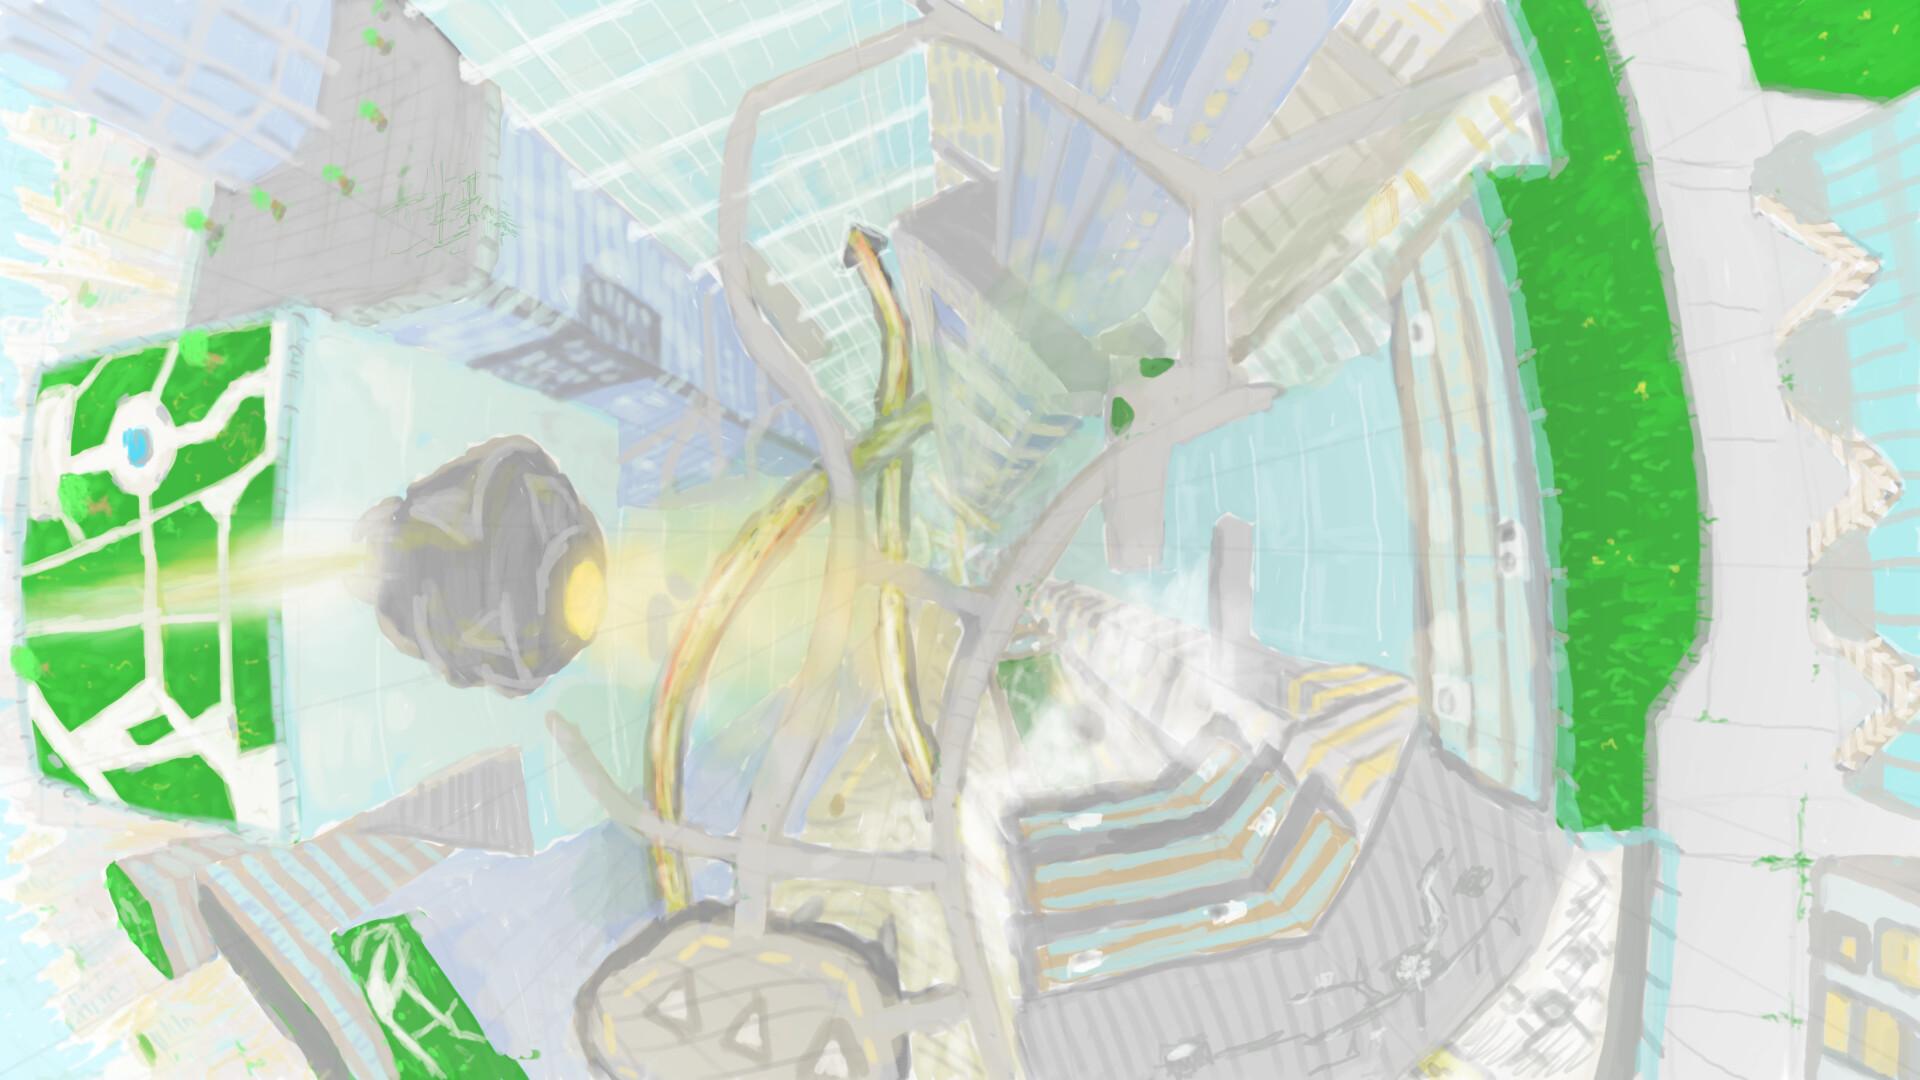 Alexander laheij wip 01 scifi cityscape 01